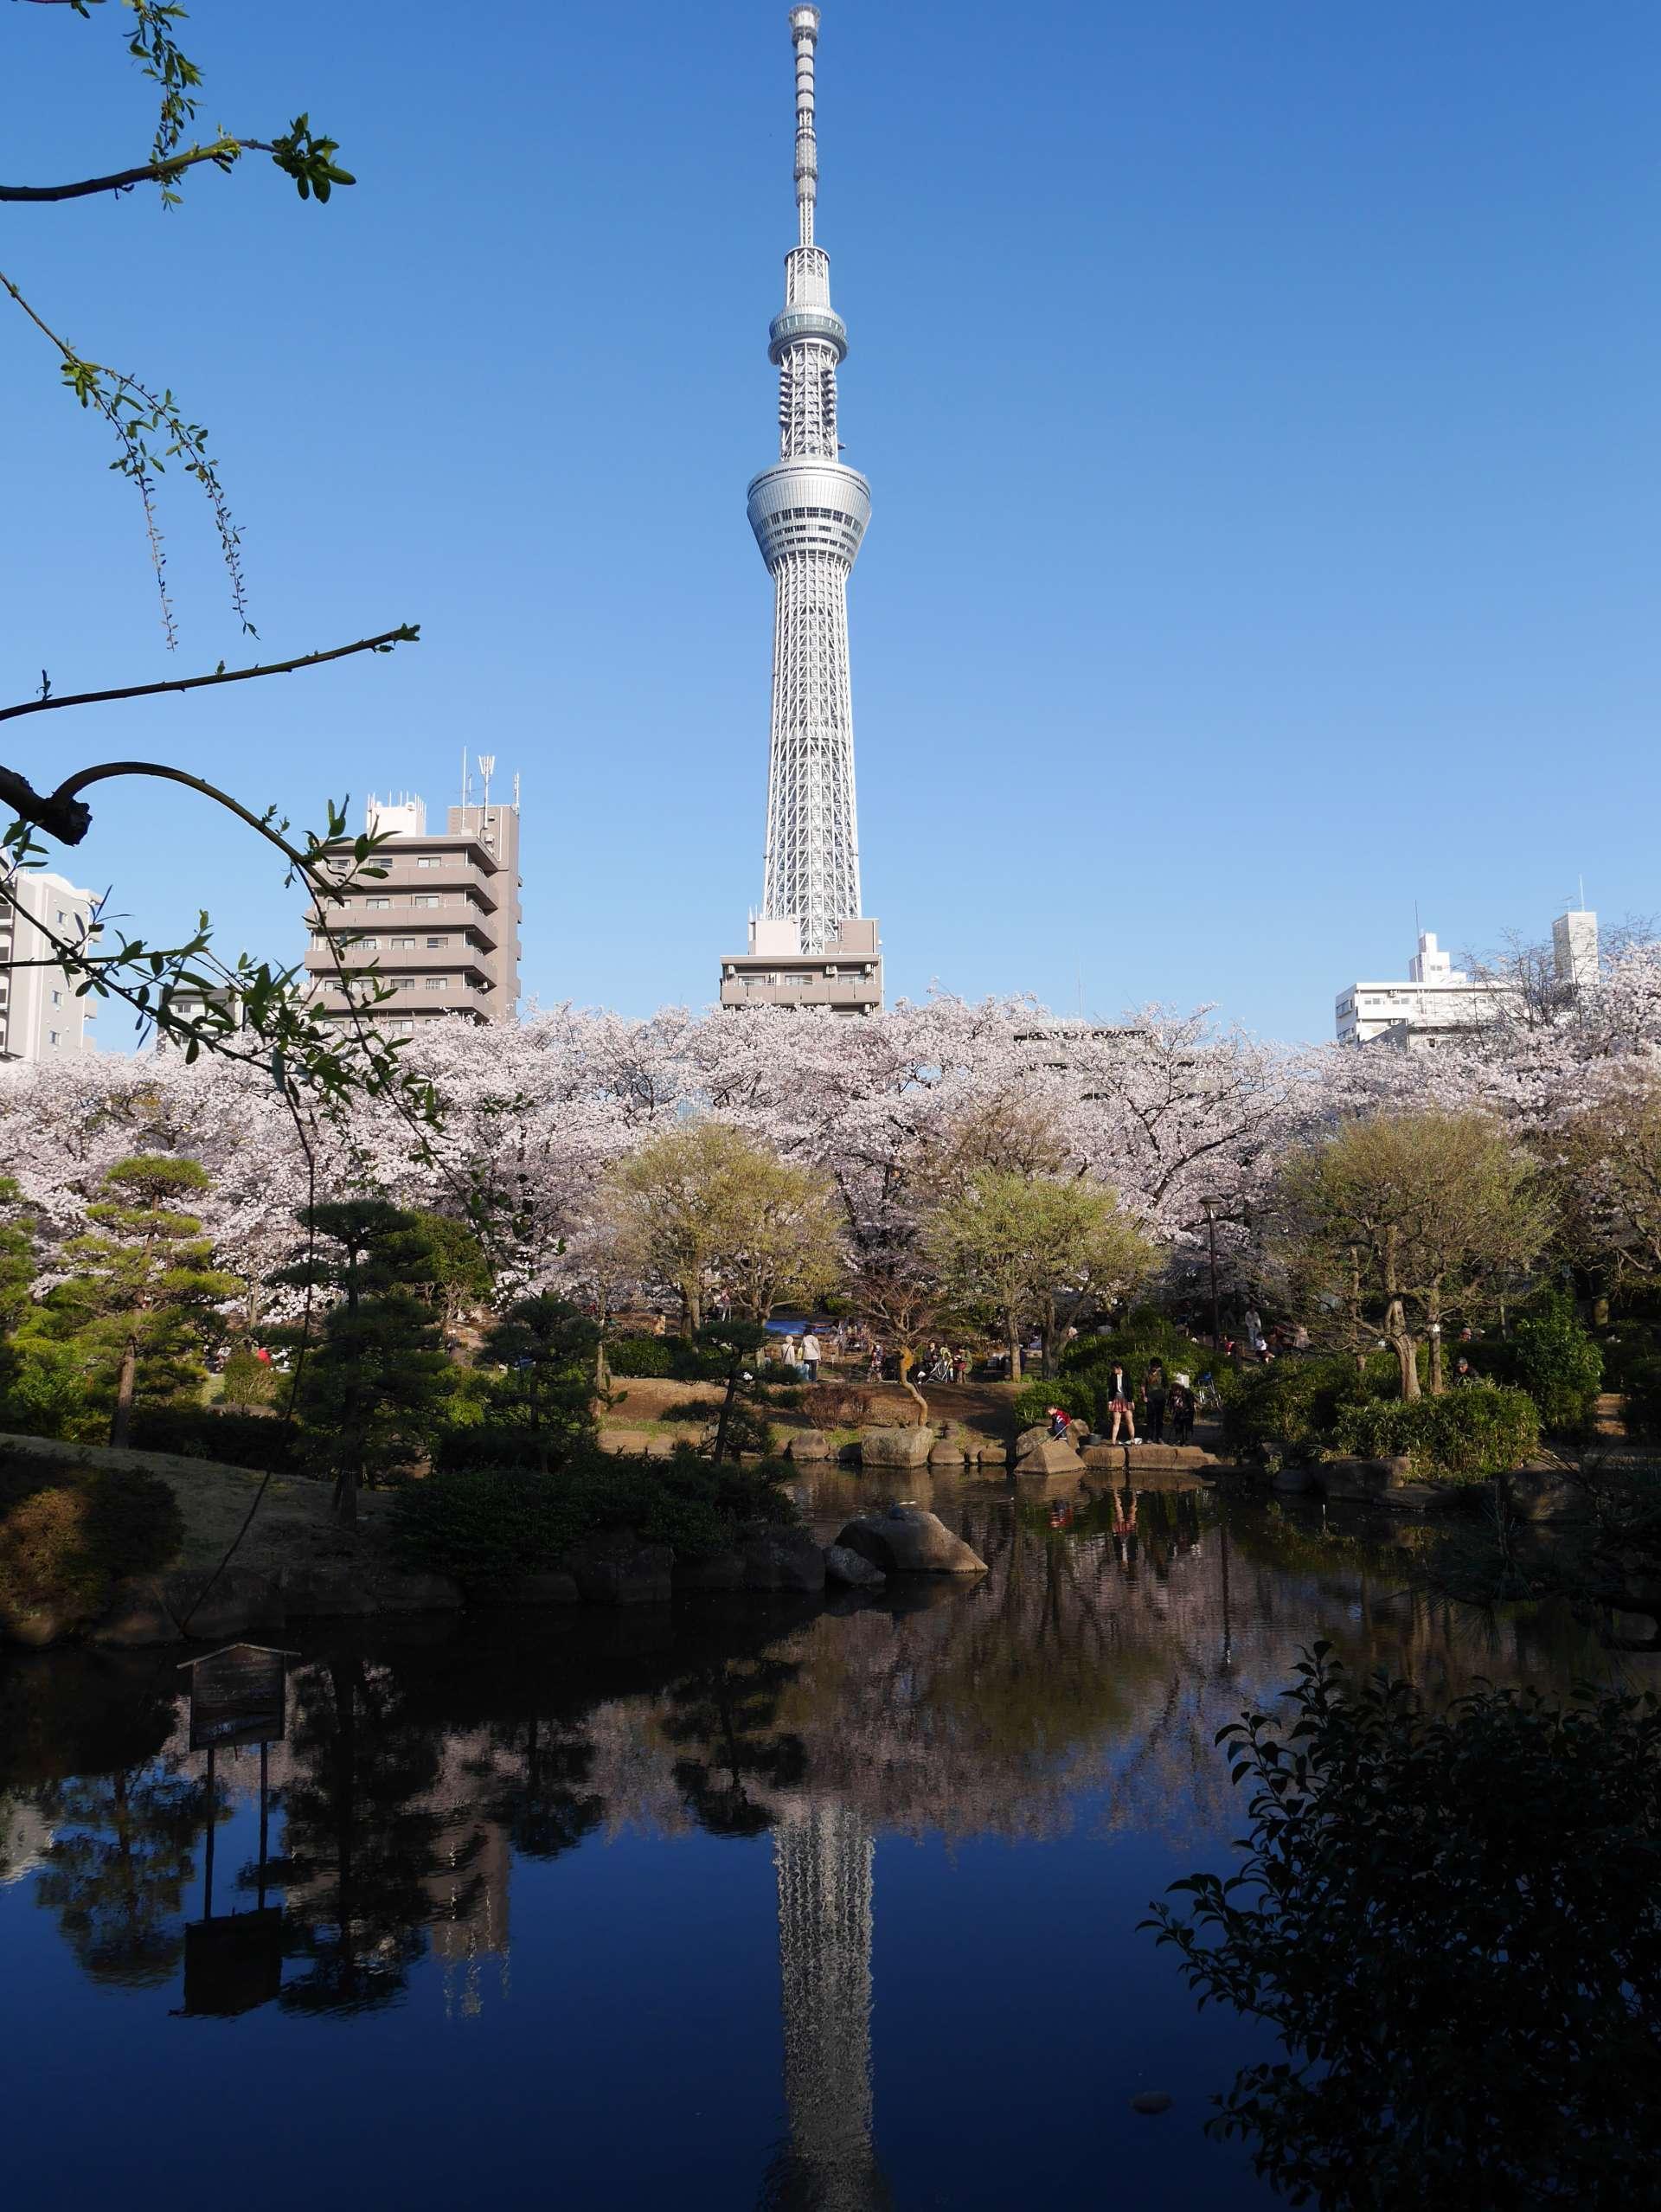 像鏡子般反射了晴空塔及櫻花的美景